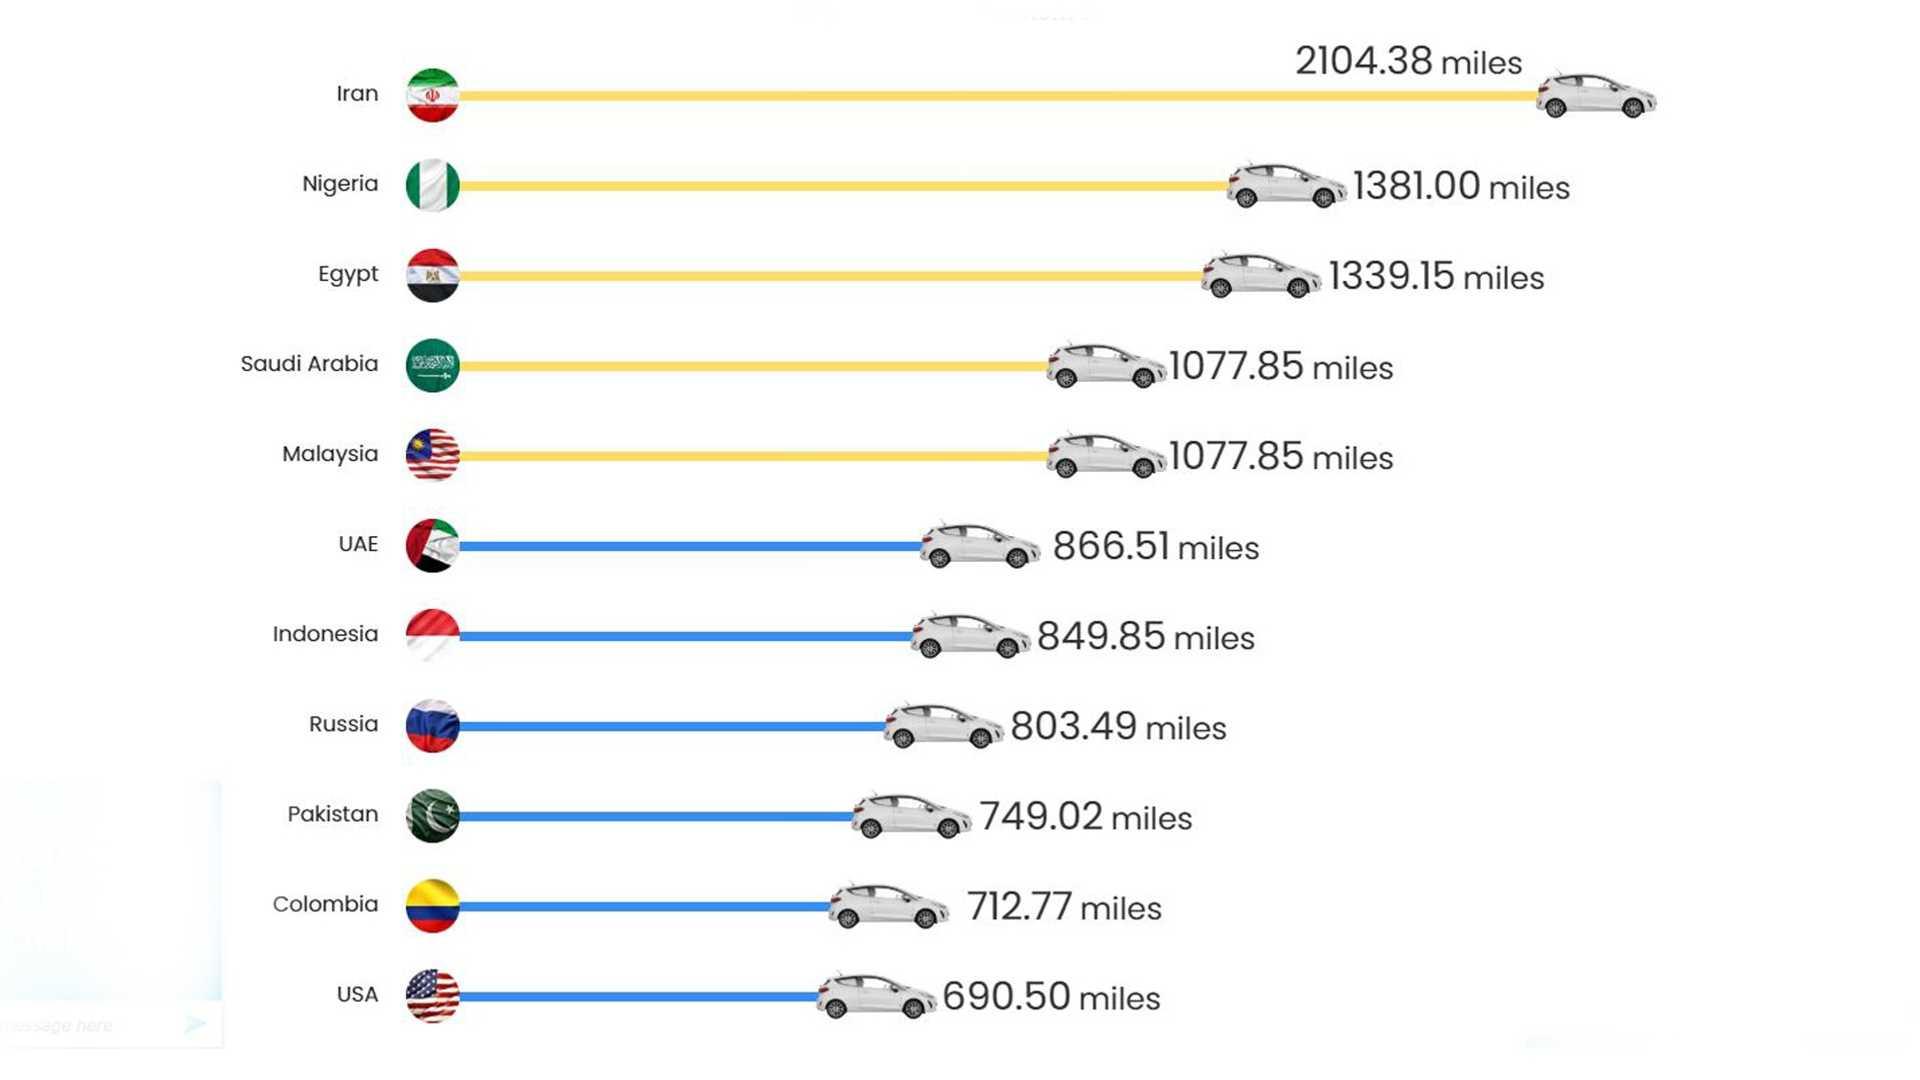 با صرف 45 پوند چه میزان مسافت را در کشورهای جهان طی میکنید؟